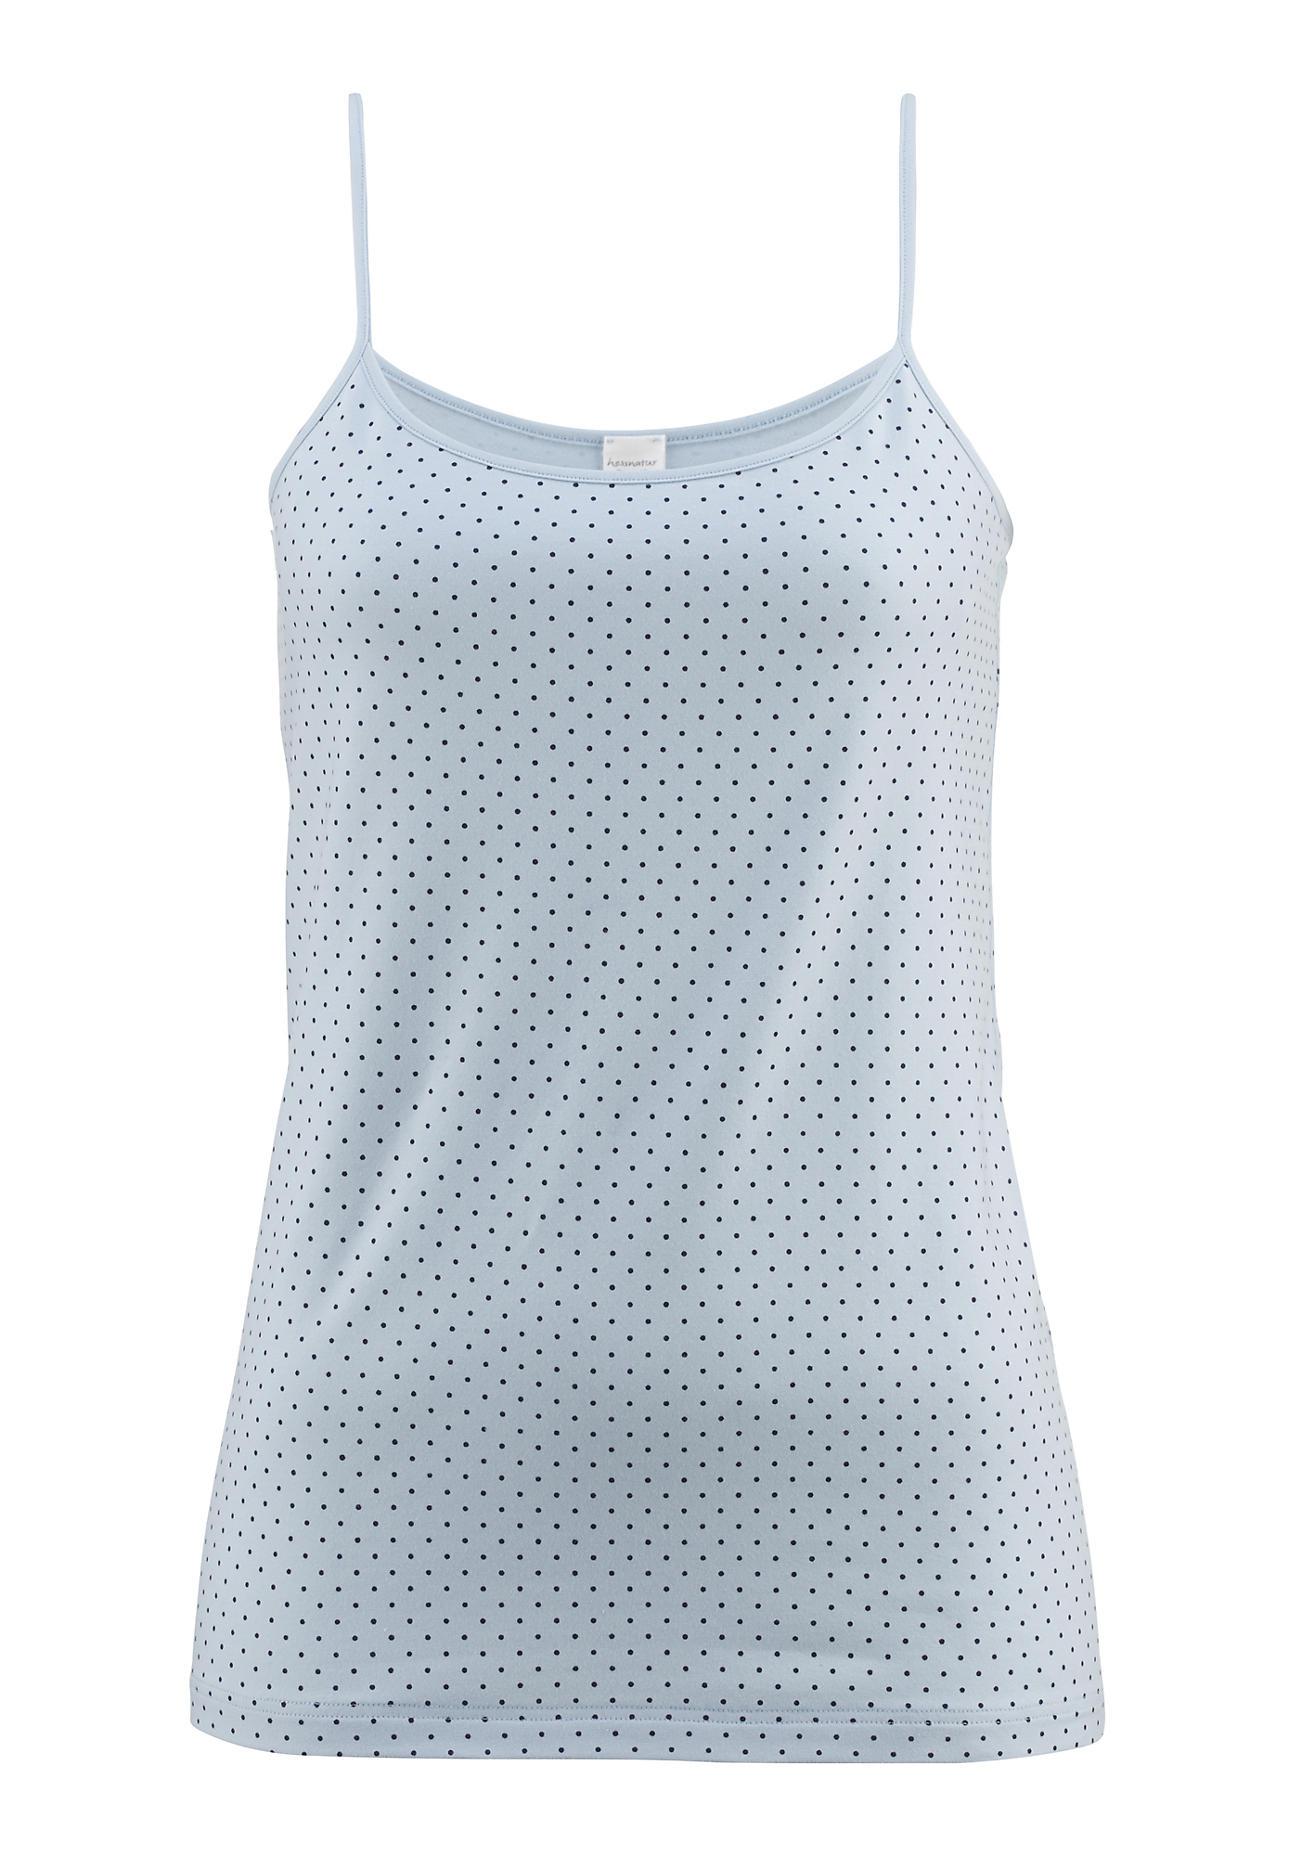 ef08d808646c76 hessnatur Damen Spaghetti-Shirt PureLUX aus Bio-Baumwolle – blau – Größe 46